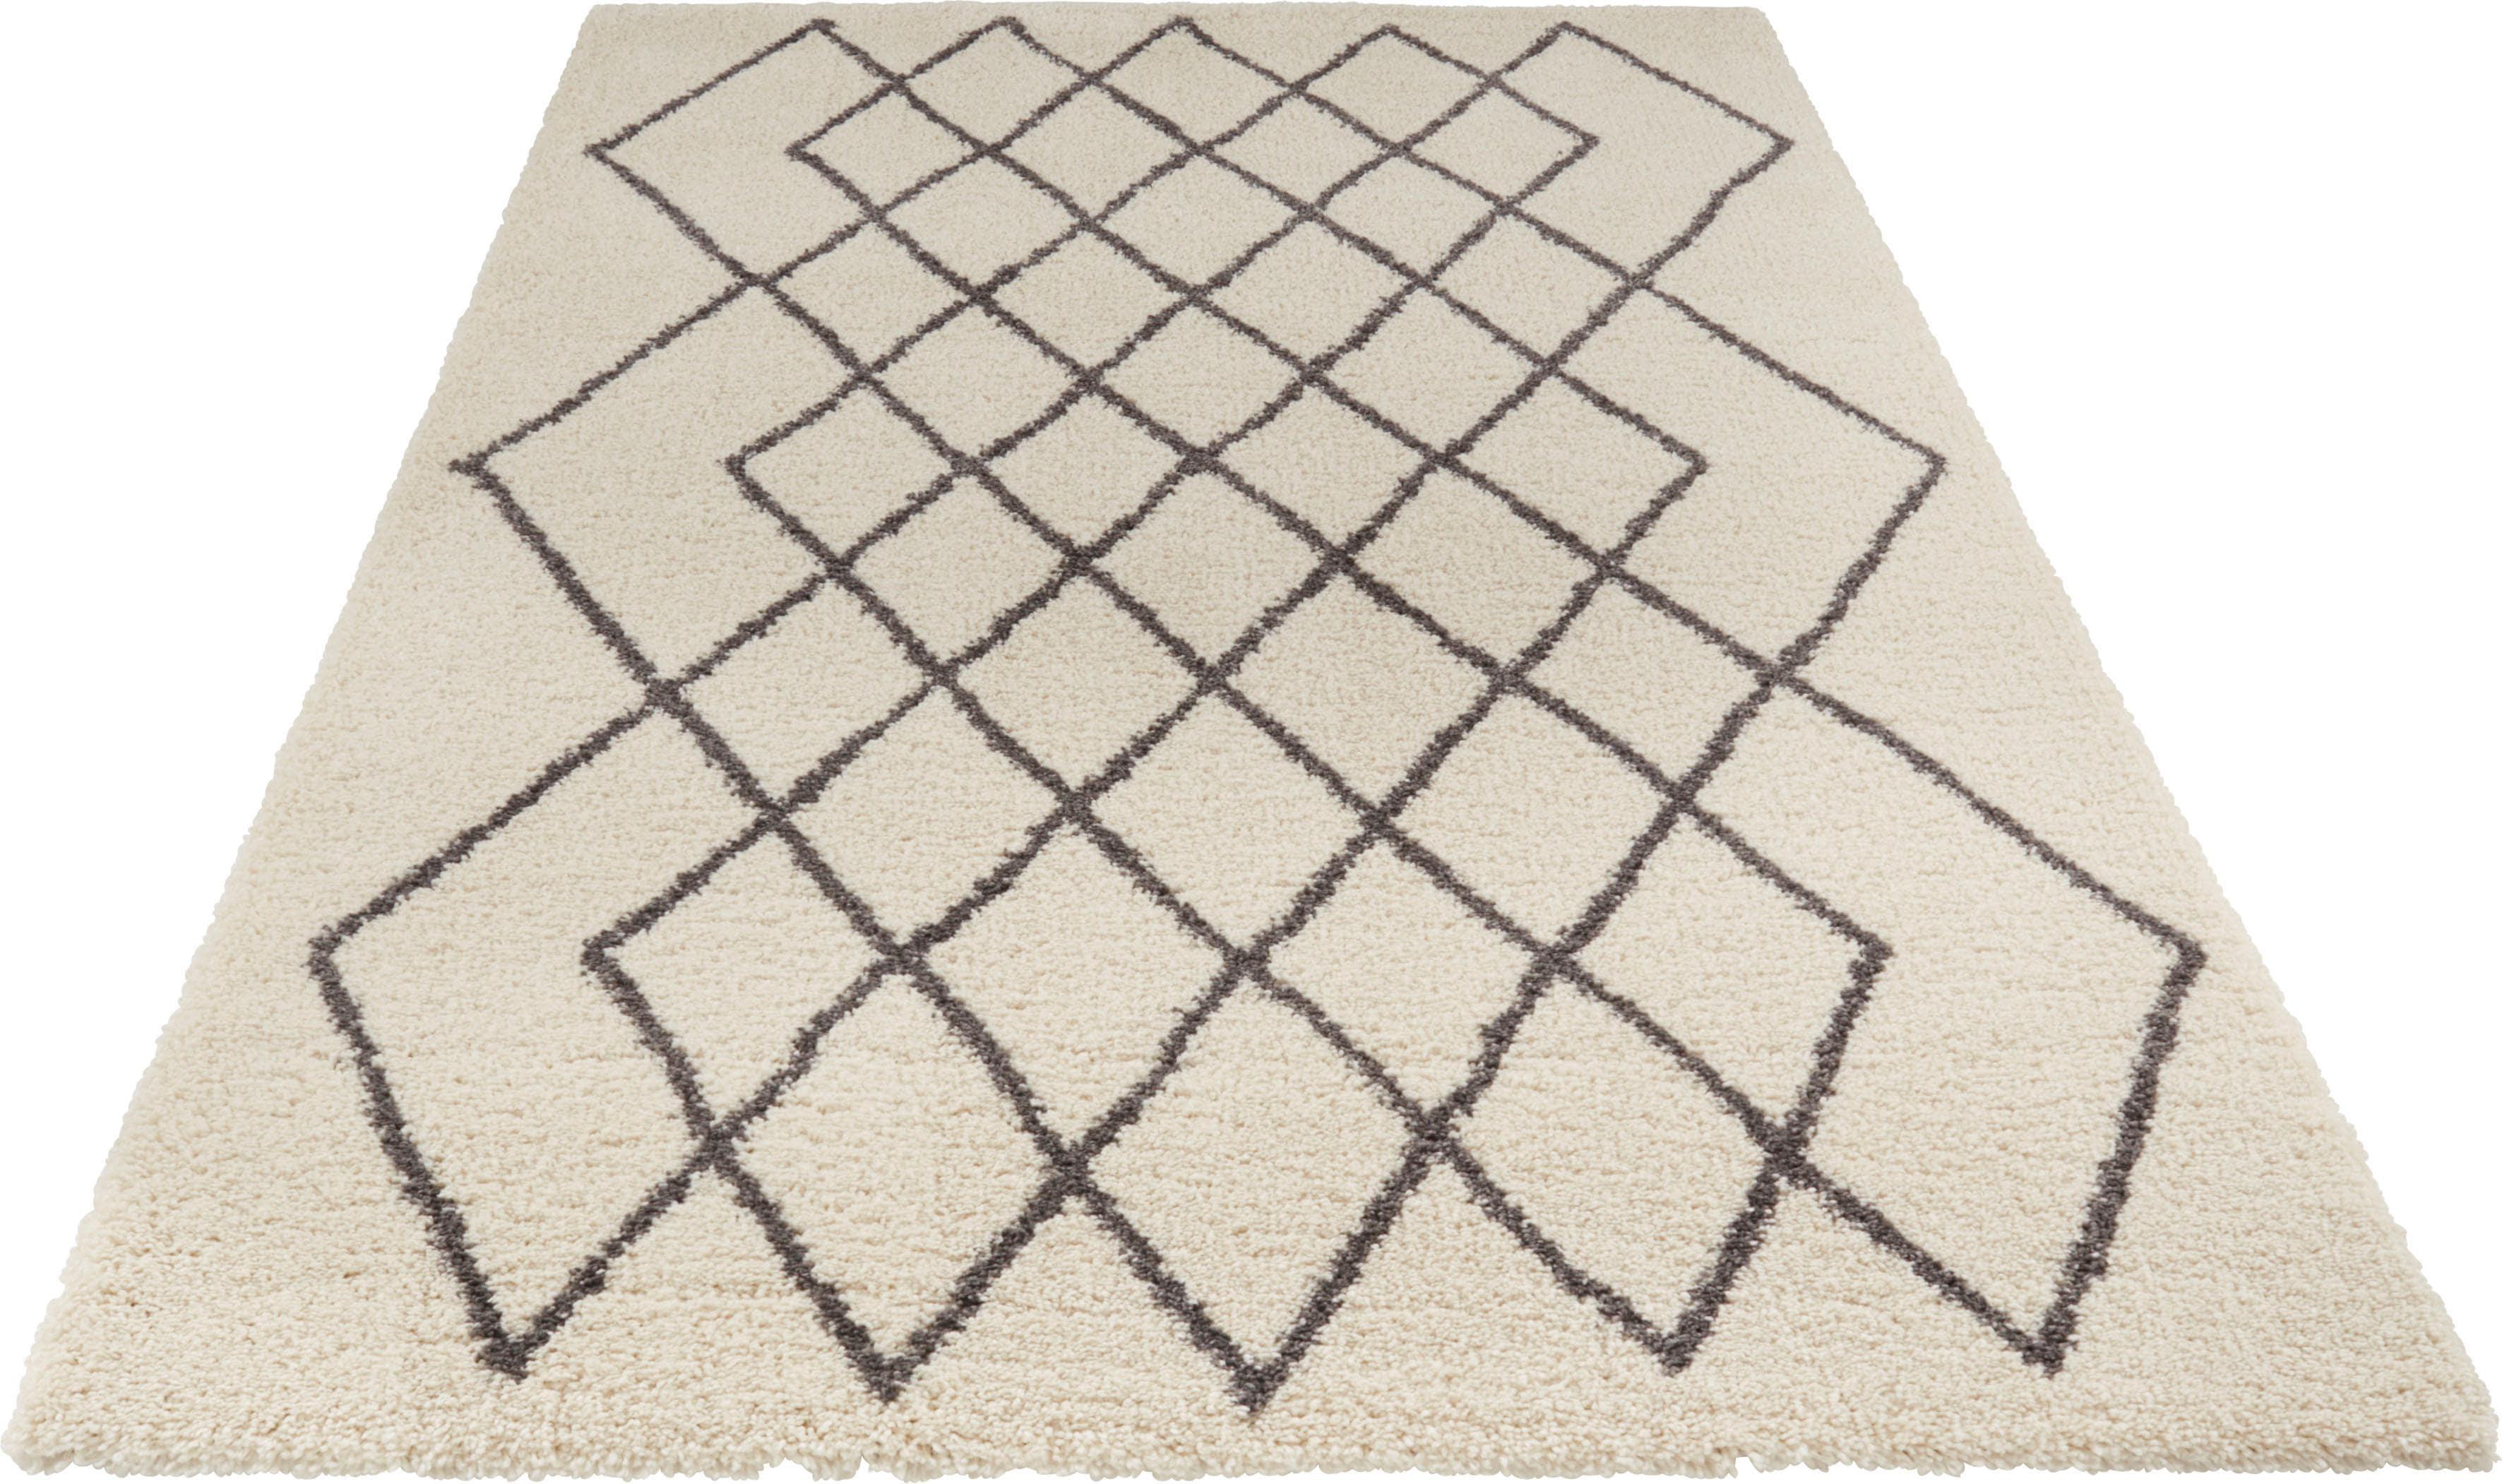 Teppich Touch MINT RUGS rechteckig Höhe 35 mm maschinell gewebt